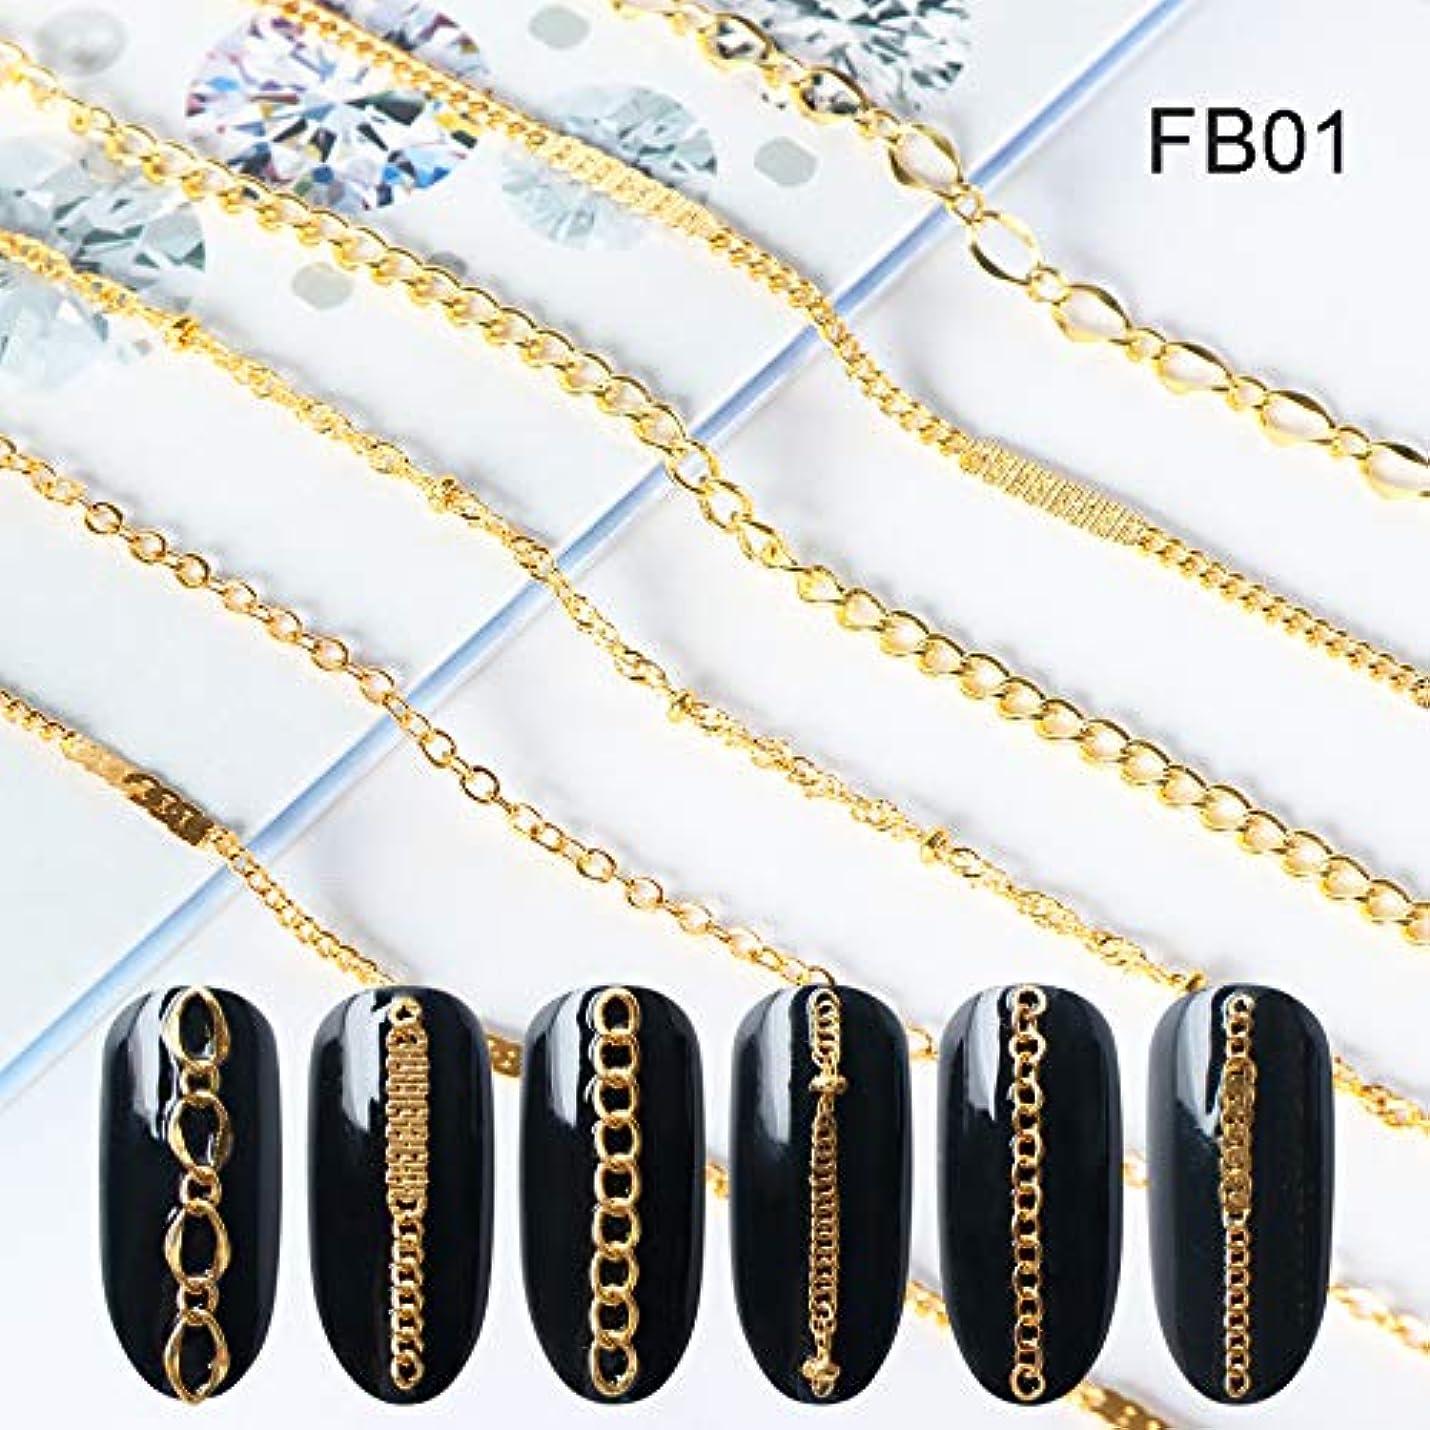 創傷患者偽装する6パターン 100cm ゴールド シルバー パンク ネイルチェーン チェーン ネイル デコ ネイルパーツ ネイルデコレーションジェルネイル ネイルアート (1)